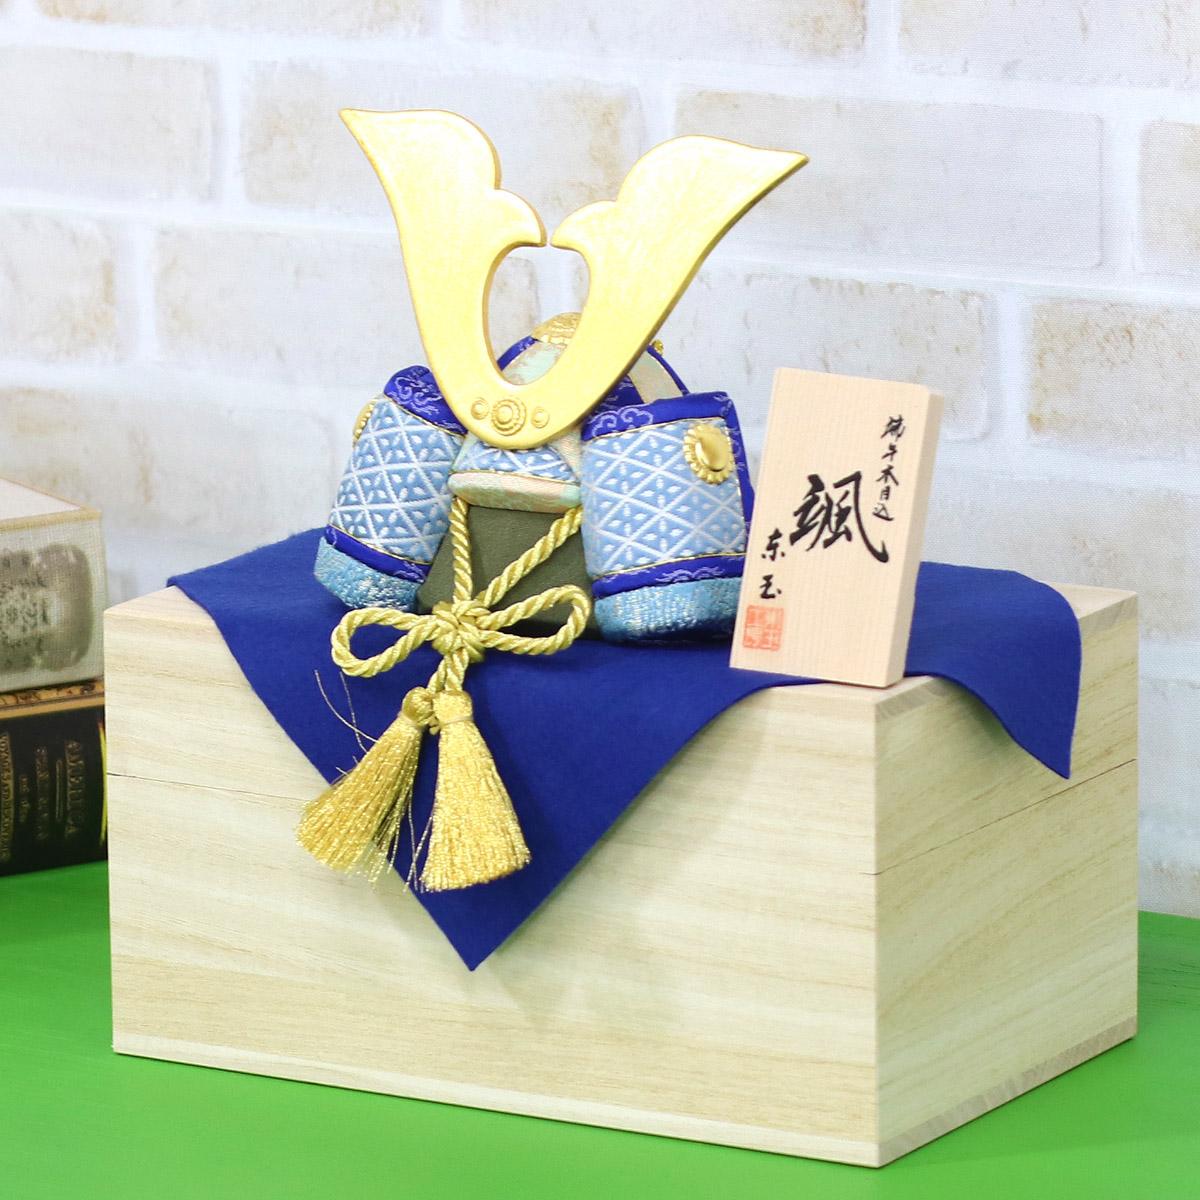 五月人形 東玉 木目込み 兜飾り 颯シリーズ 「青」 桐箱 収納飾り ≪GOTG-NO12-KIRI≫コンパクト おしゃれ 五月人形 兜 木目込み飾り